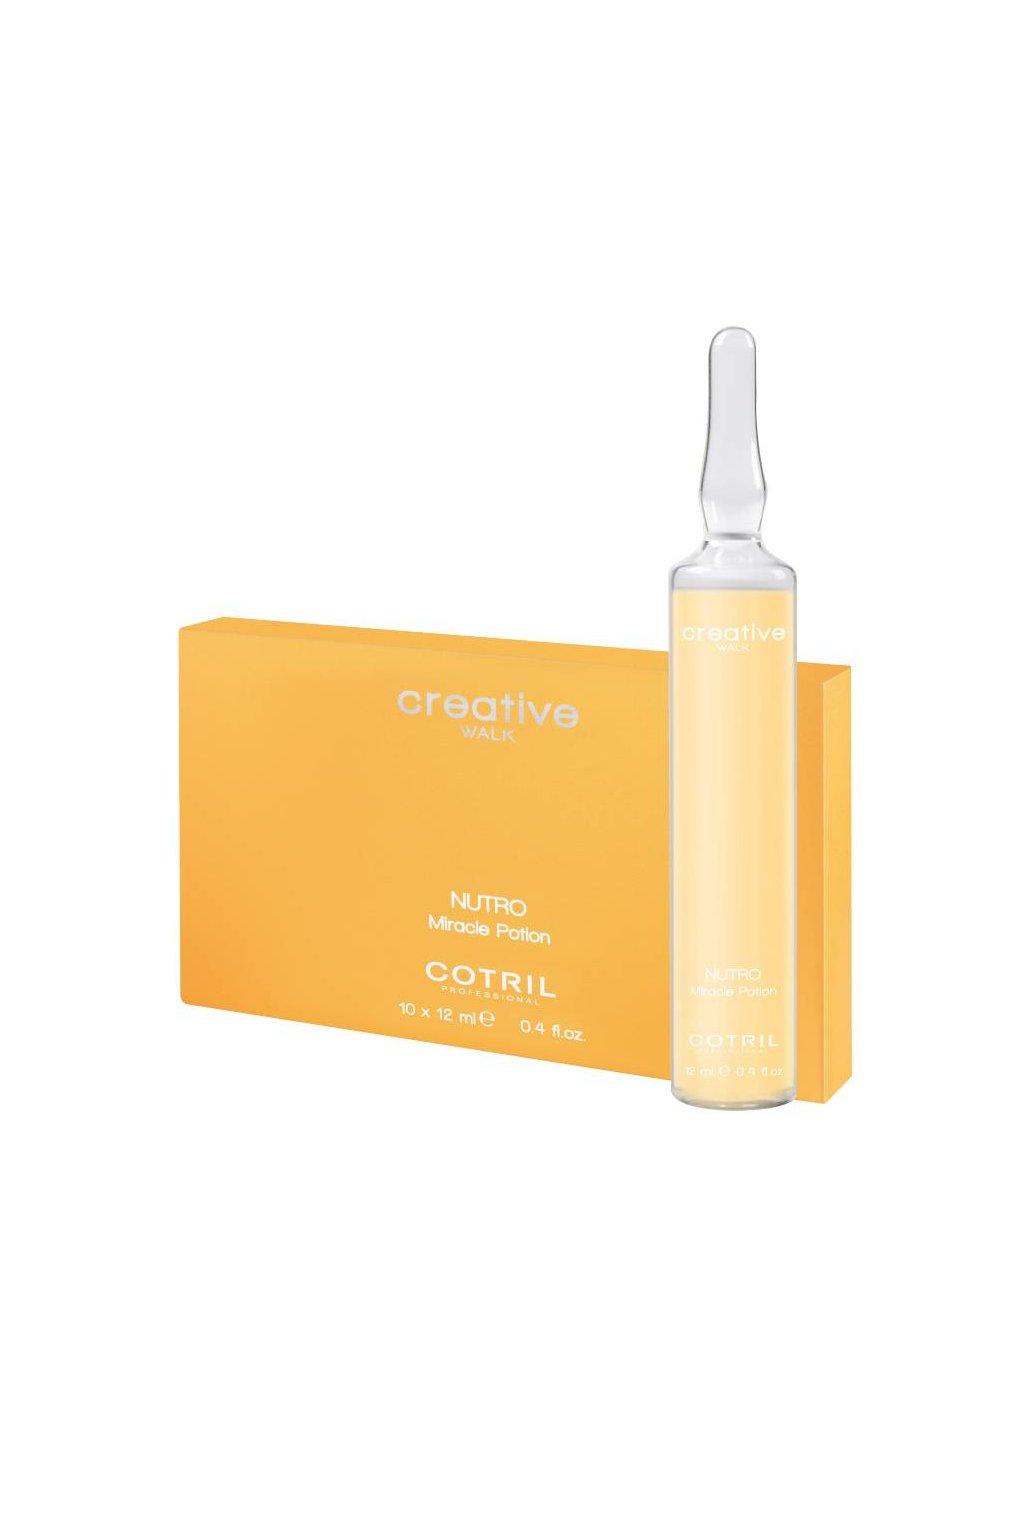 Cotril NUTRO MIRACLE POTION Ampule okamžitá výživa pro suché vlasy (Obsah 10x12 ml)